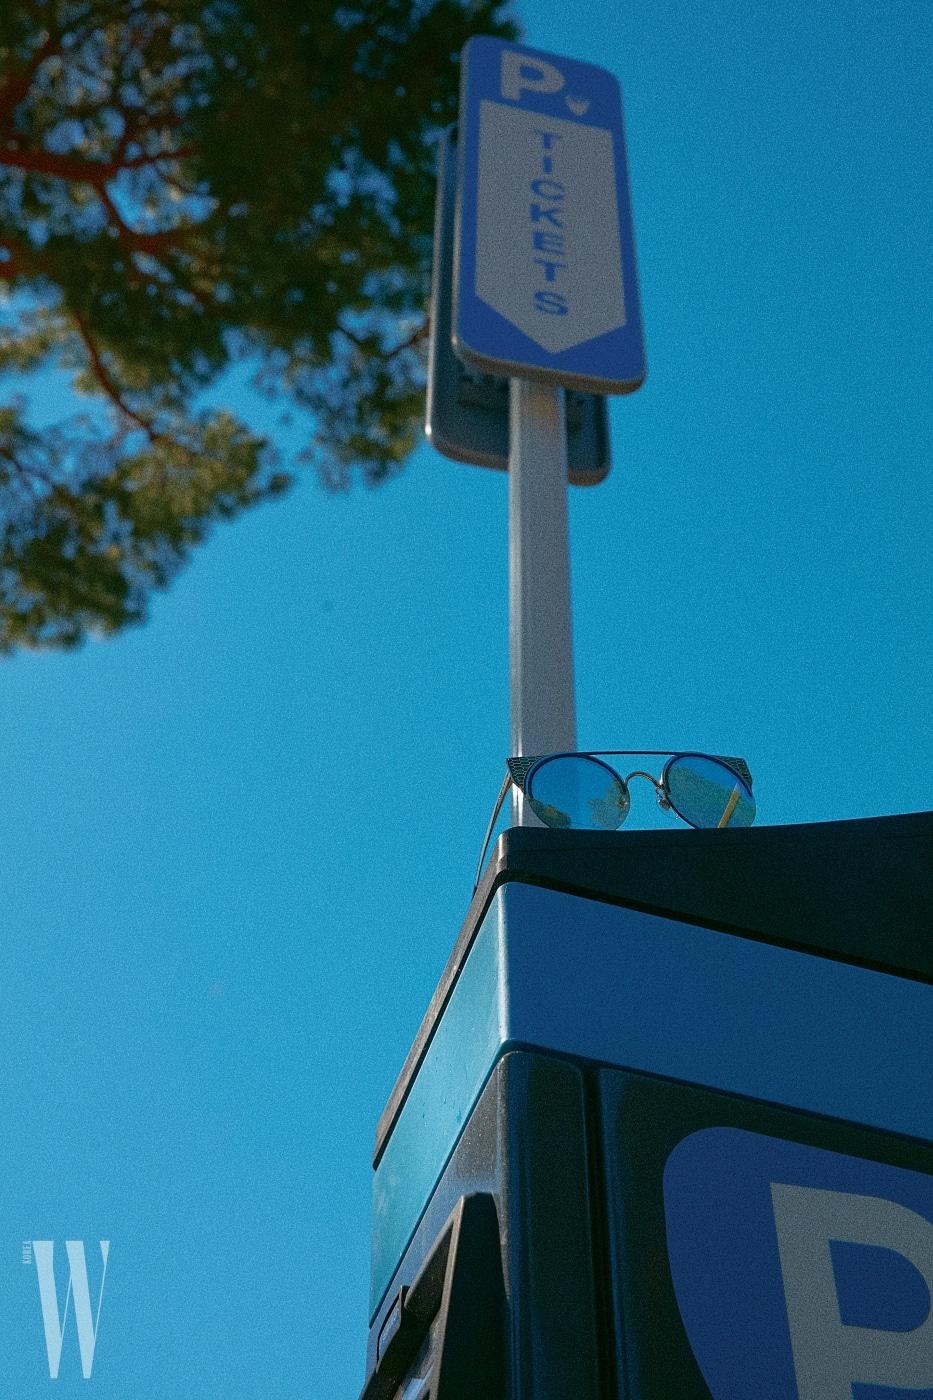 하우스를 상징하는 비늘 무늬를 프레임에 넣은 선글라스는 불가리 제품. 51만원.